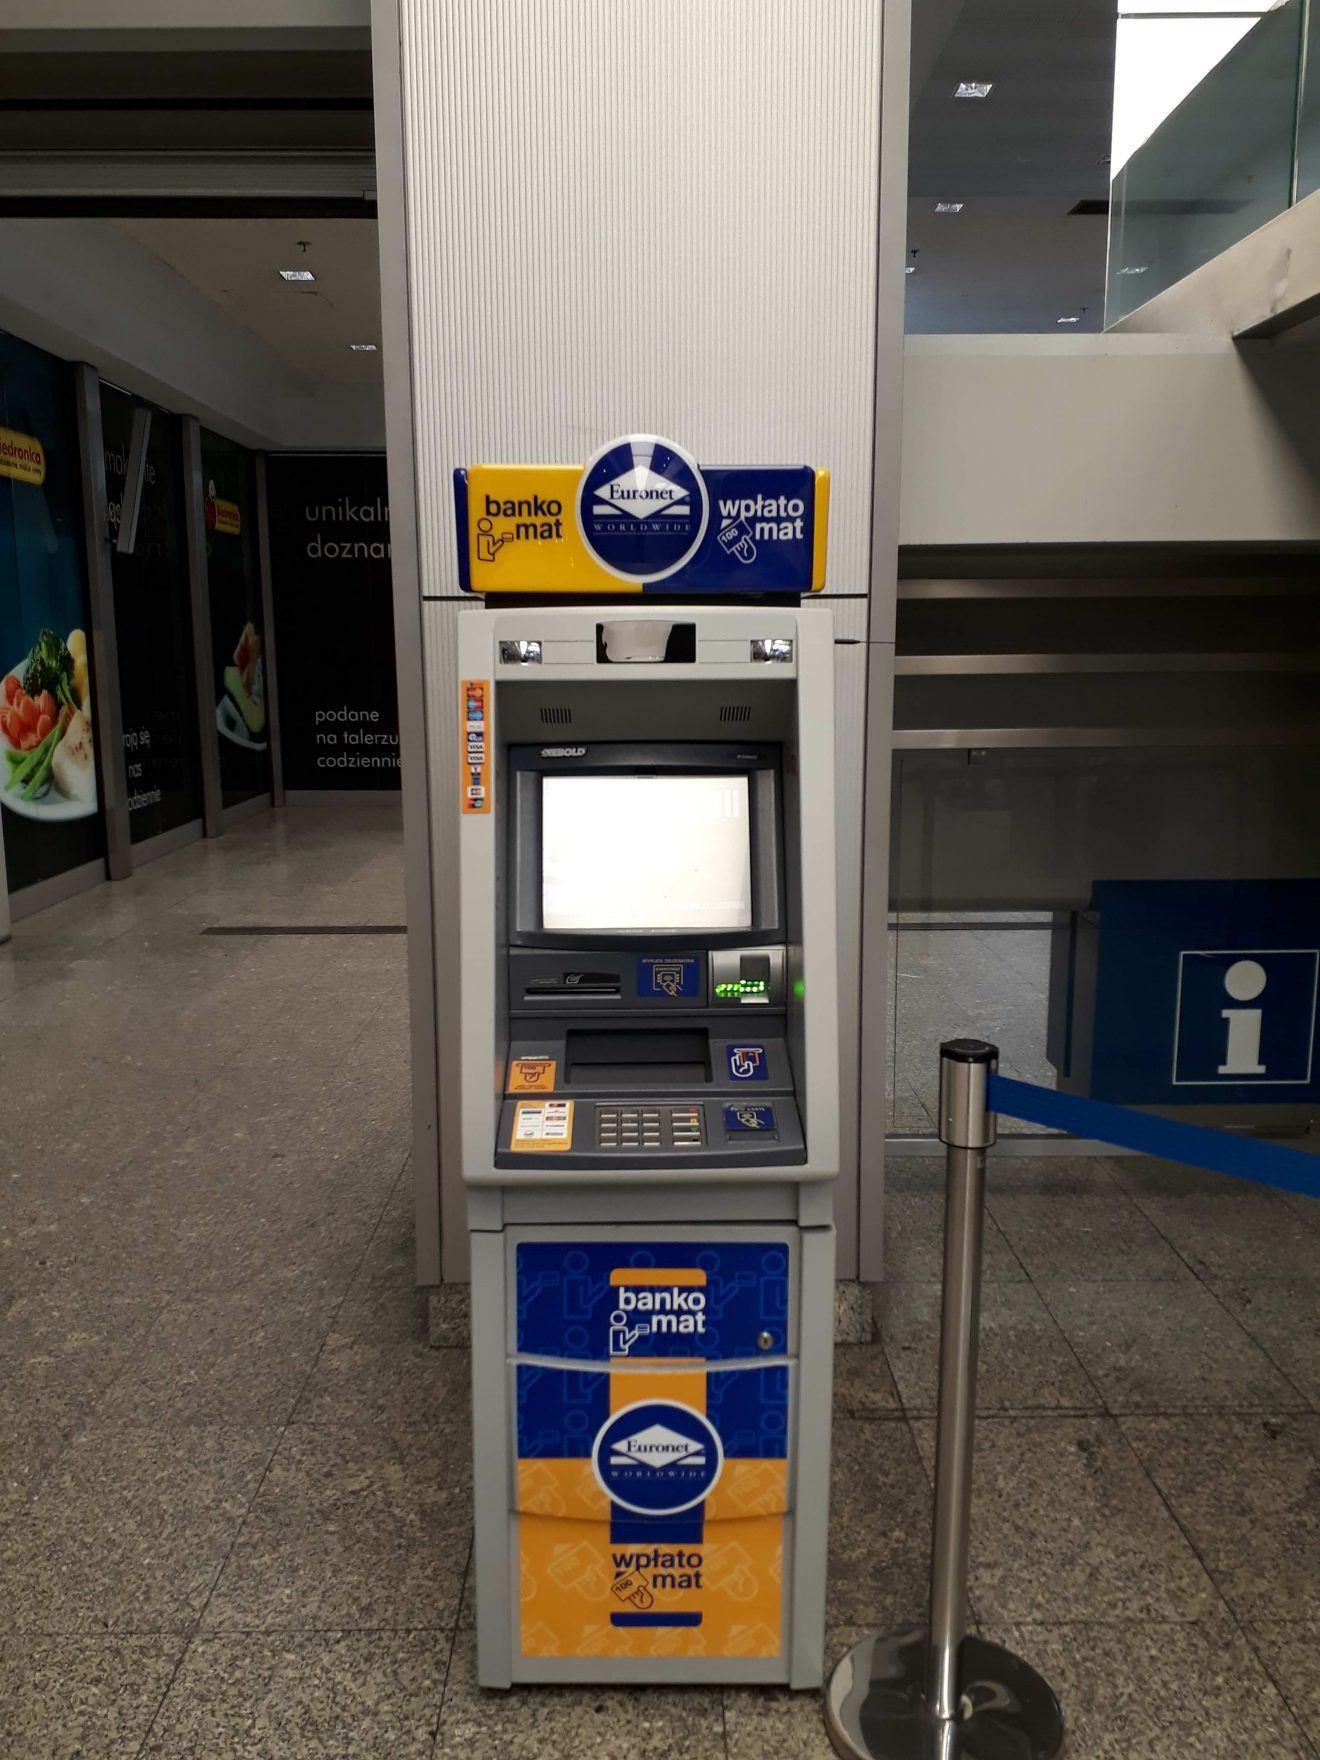 Kraków Główny Euronet ATM